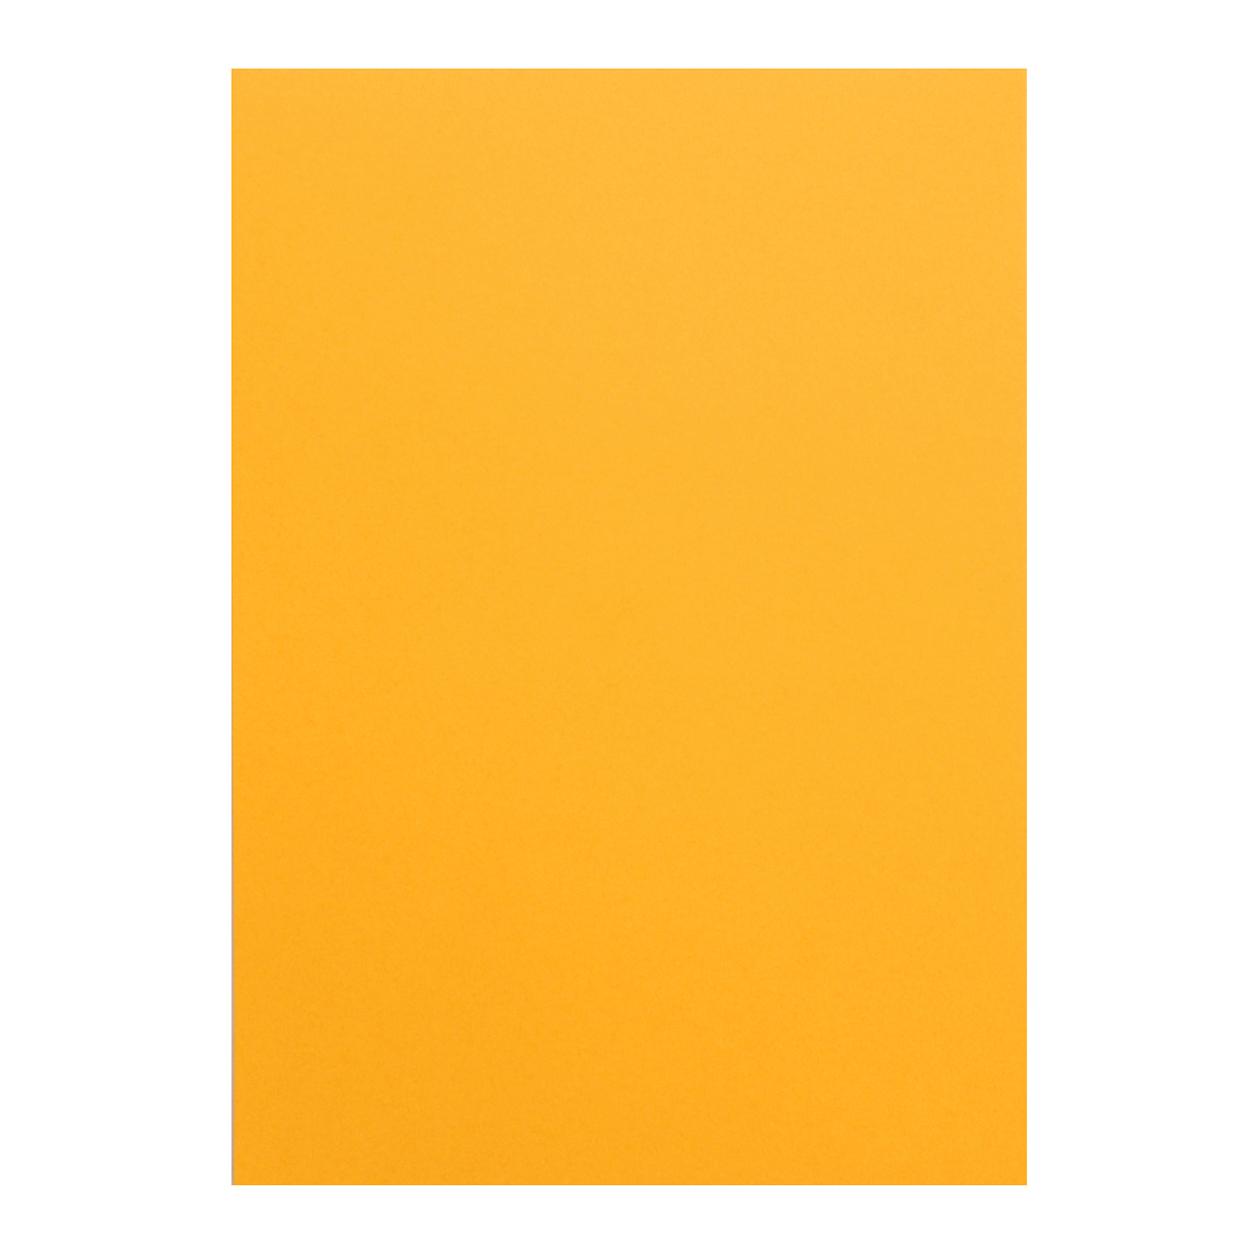 B5シート コットン(NTラシャ) 山吹 116.3g